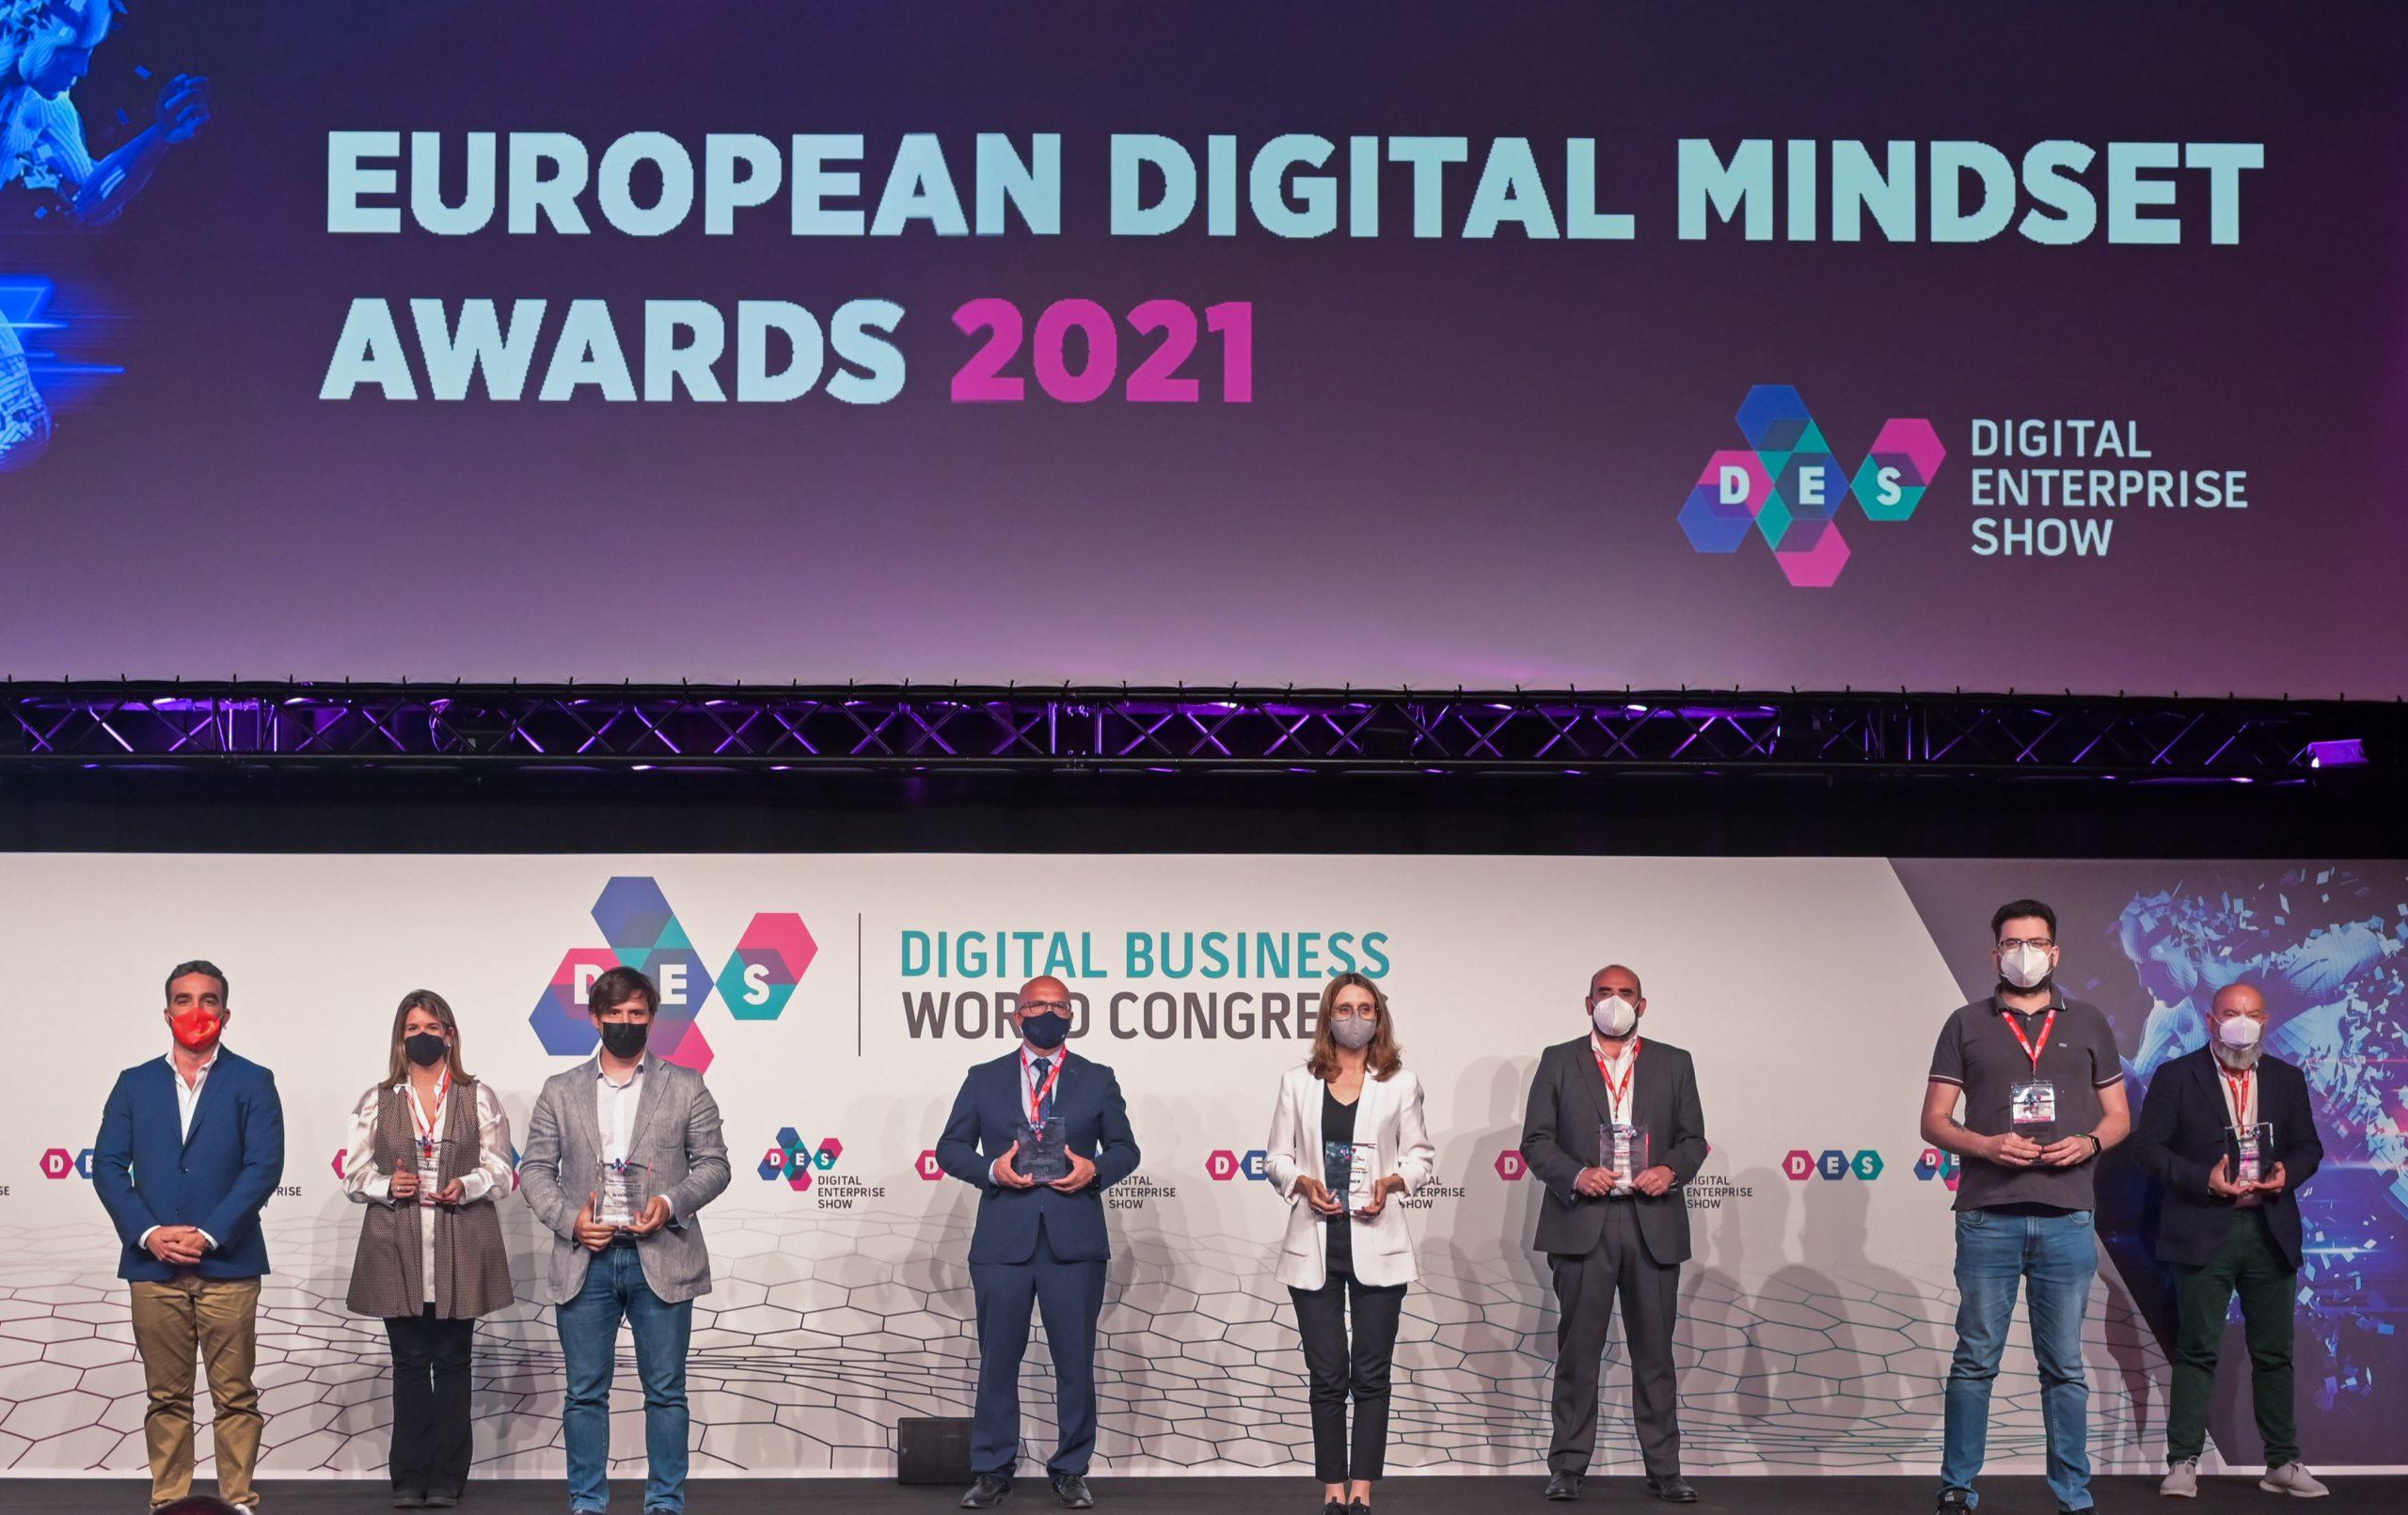 Correos, la Universidad San Pablo CEU y la Diputación de Ourense, entre los premiados de los European Digital Mindset Awards 2021